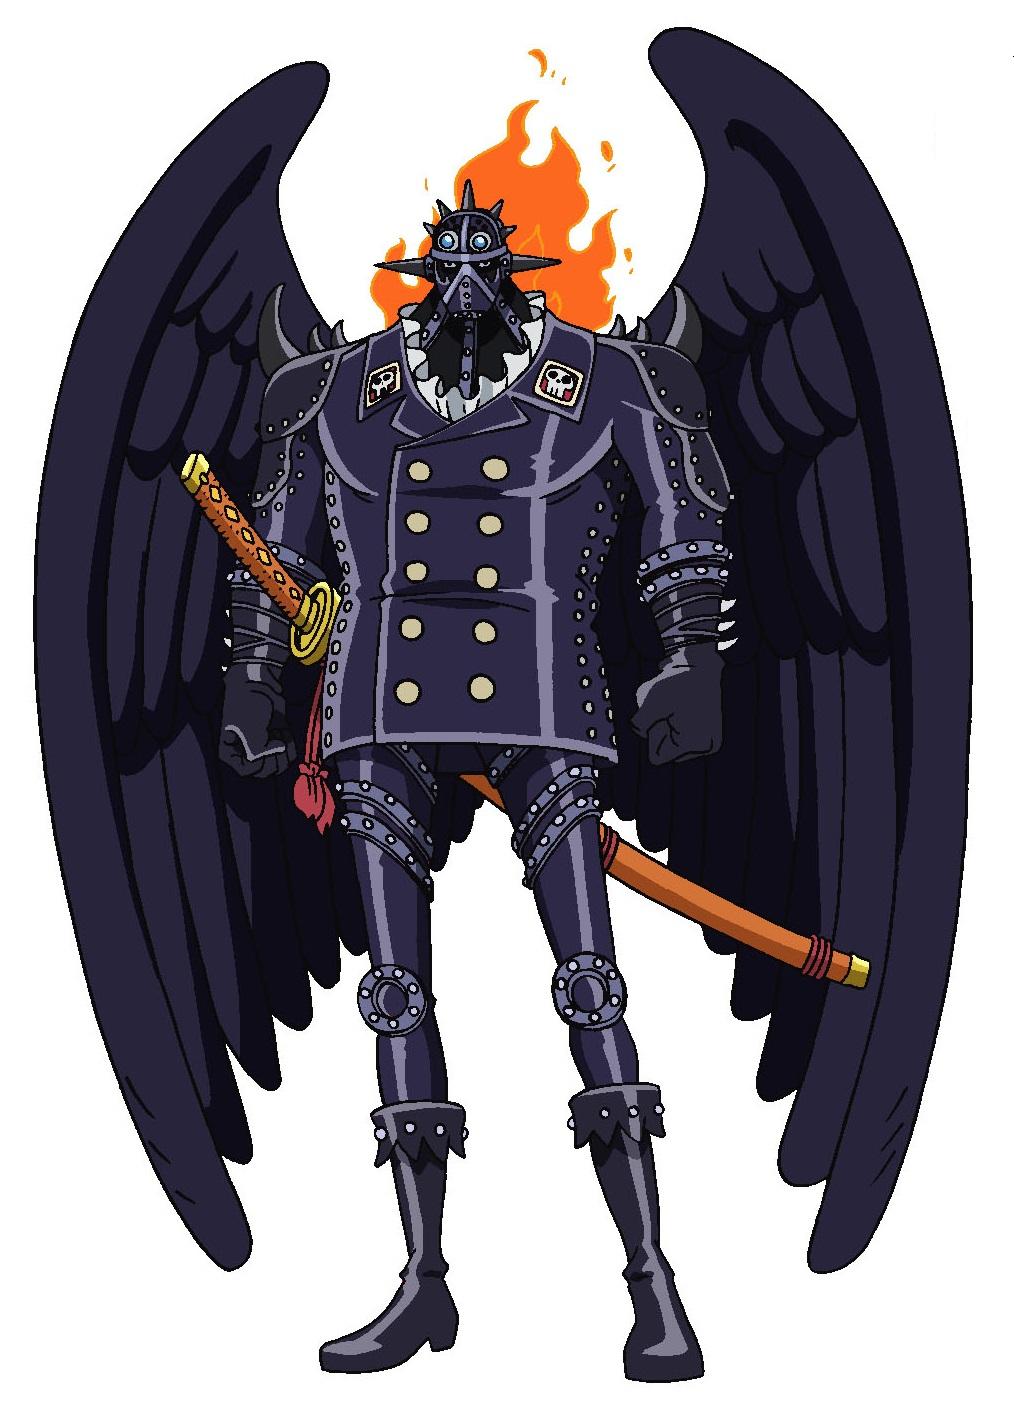 King One Piece Wiki Fandom Последние твиты от maoh king (@king_maoh). king one piece wiki fandom